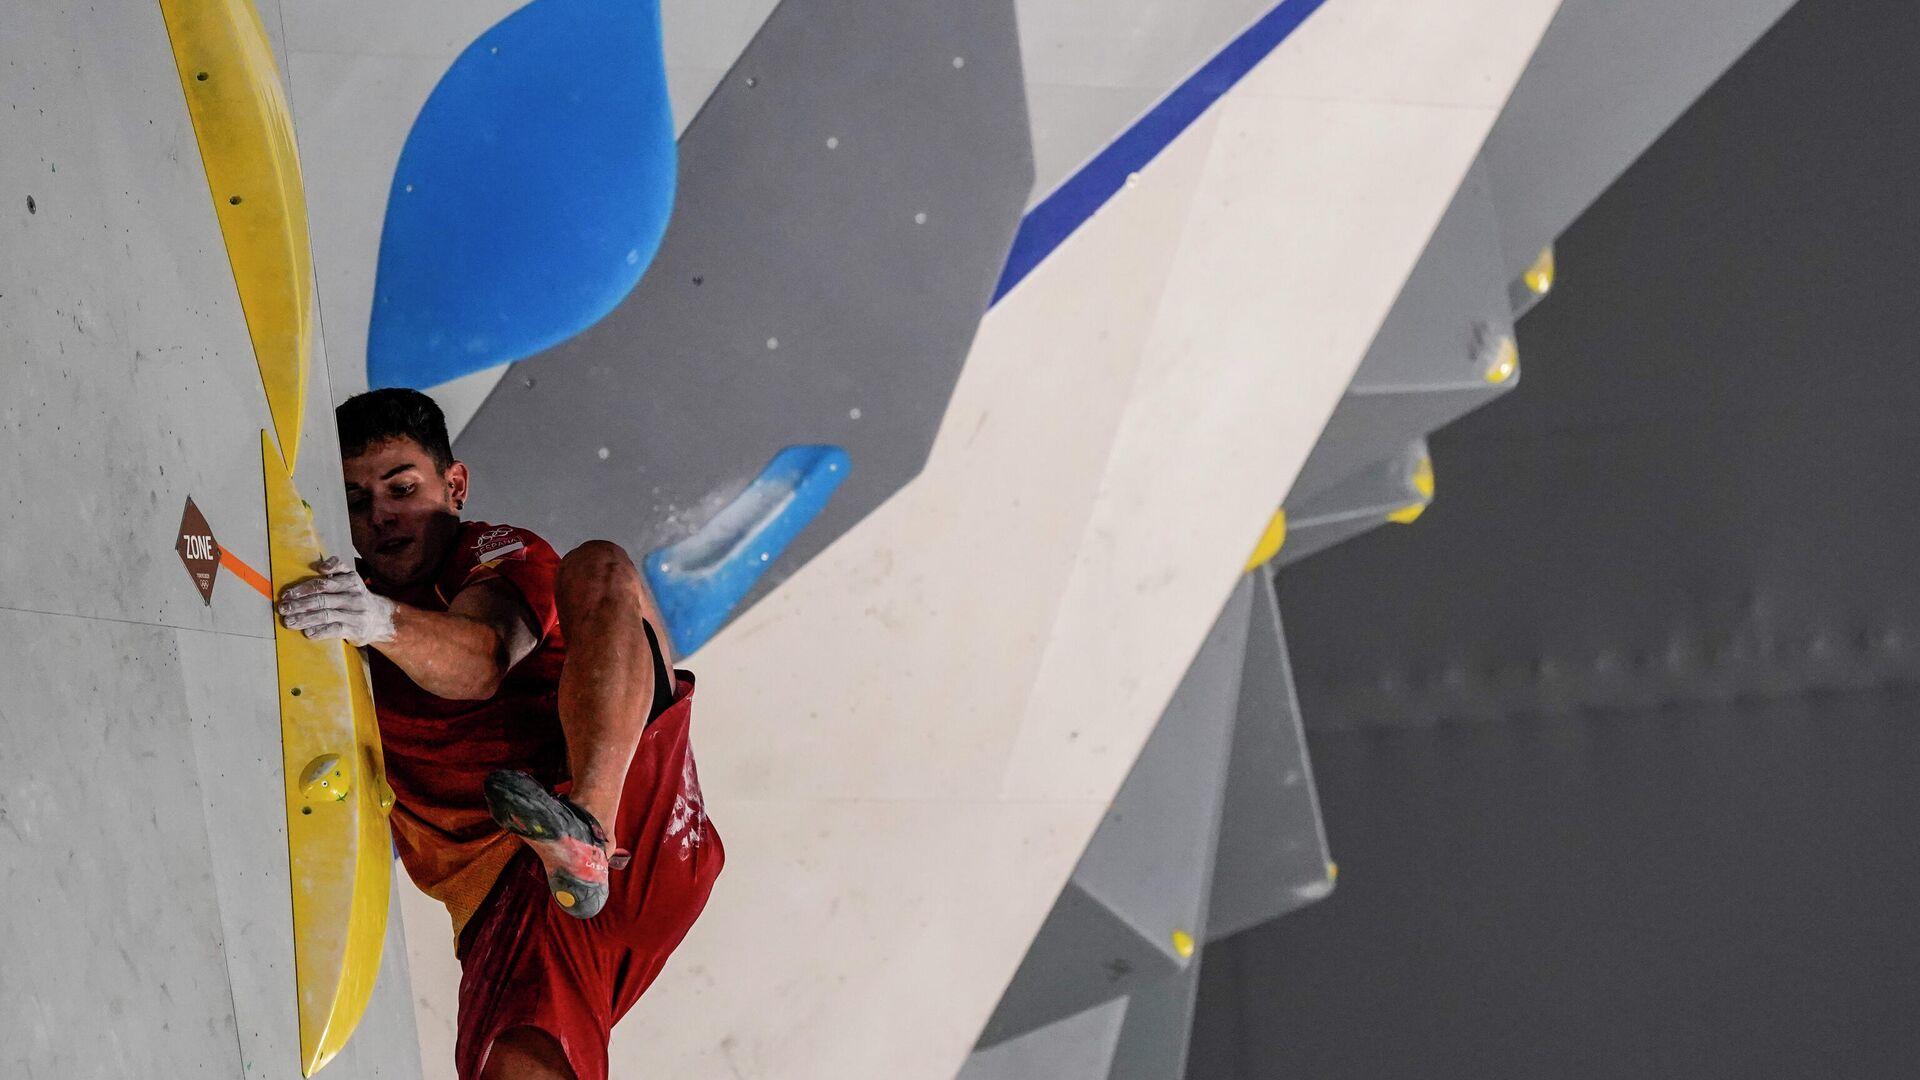 Alberto Ginés Lopez en la competición de bloques de escalada deportiva en los JJOO - Sputnik Mundo, 1920, 05.08.2021